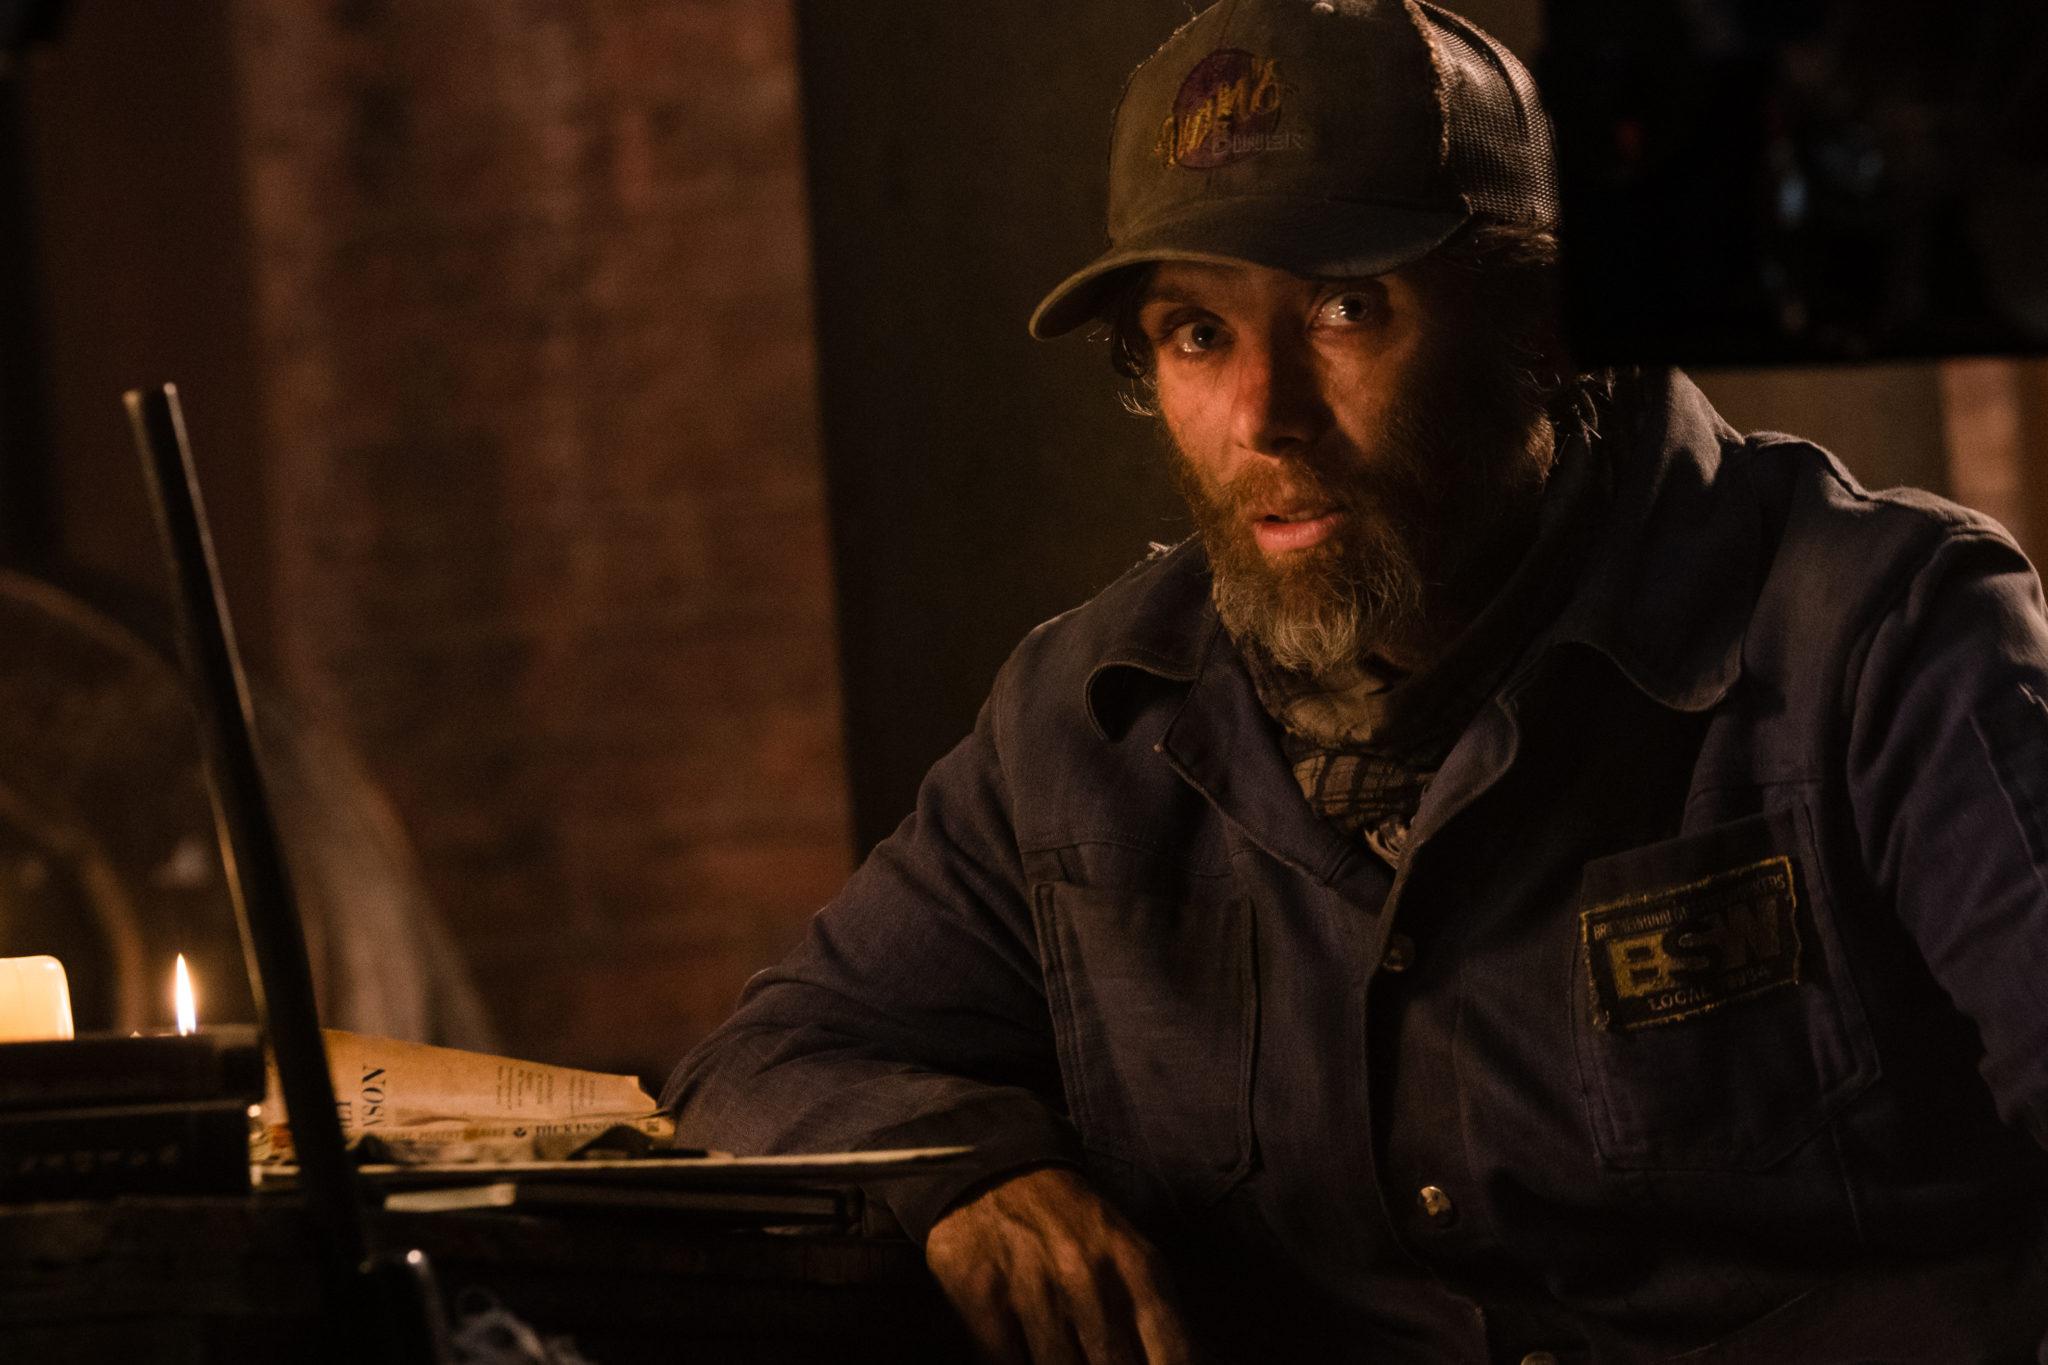 Cillian Murphy in A Quiet Place 2 als Emmett. Er trägt Basecap und Vollbart und sitzt an einem spärlich beleuchteten Tisch.